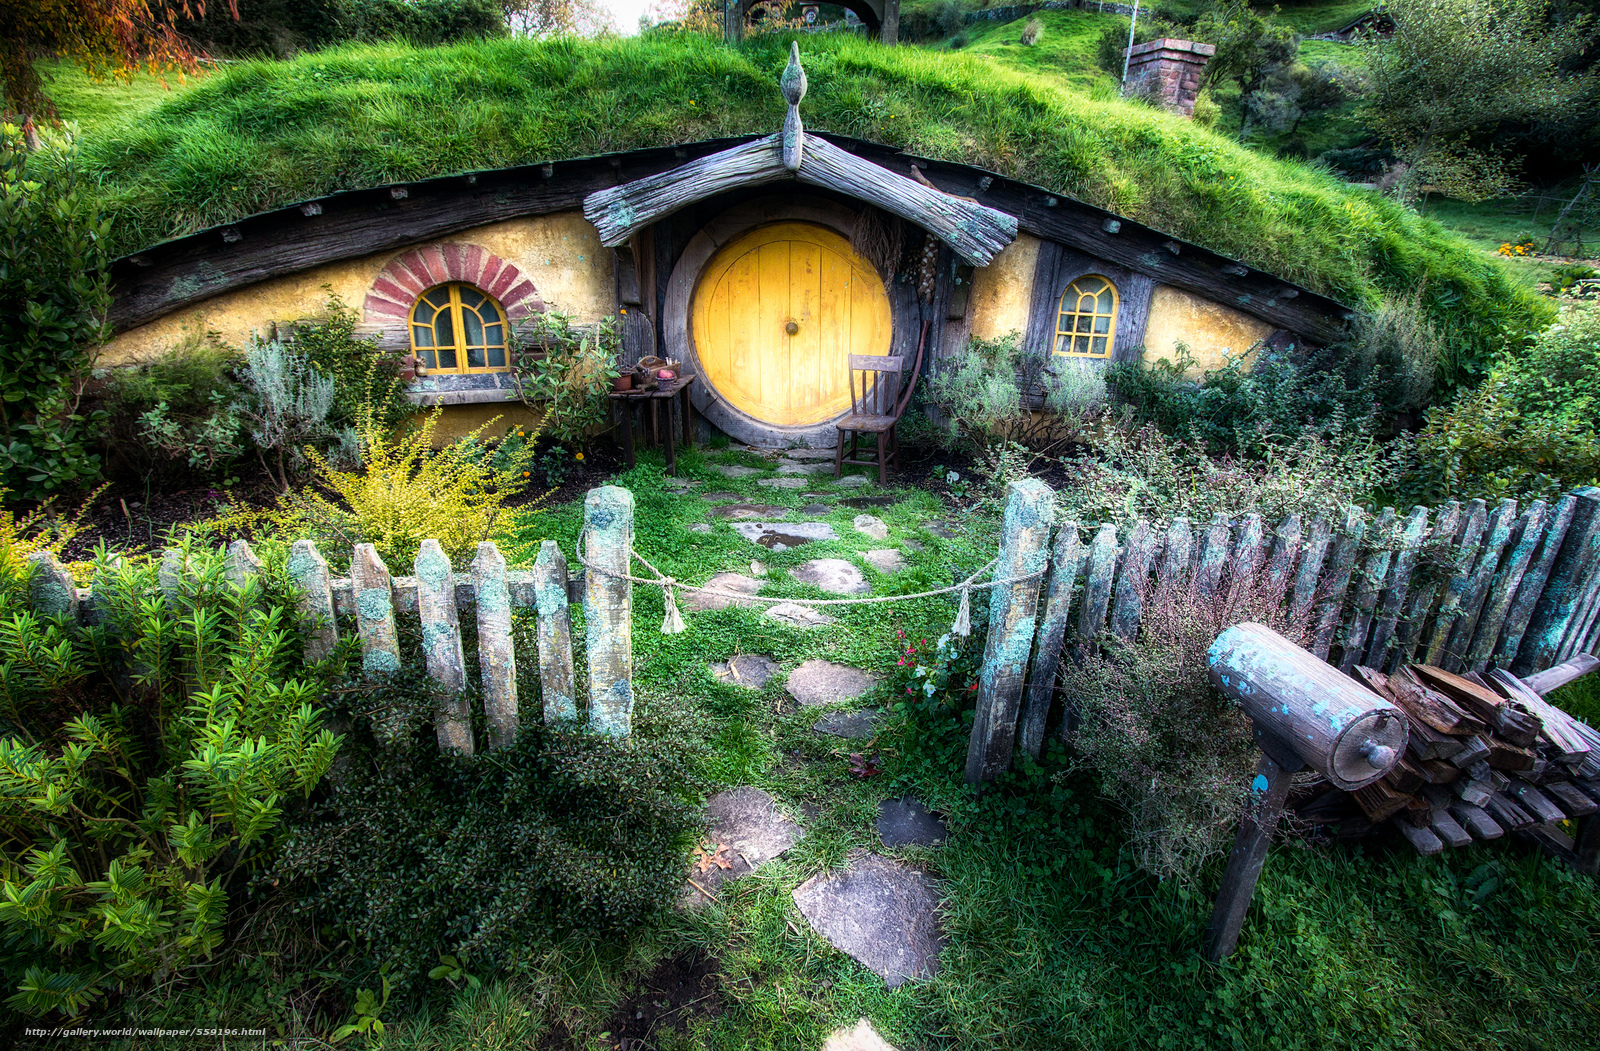 Tlcharger fond d 39 ecran le hobbit house le seigneur des for Hobbit house drawings